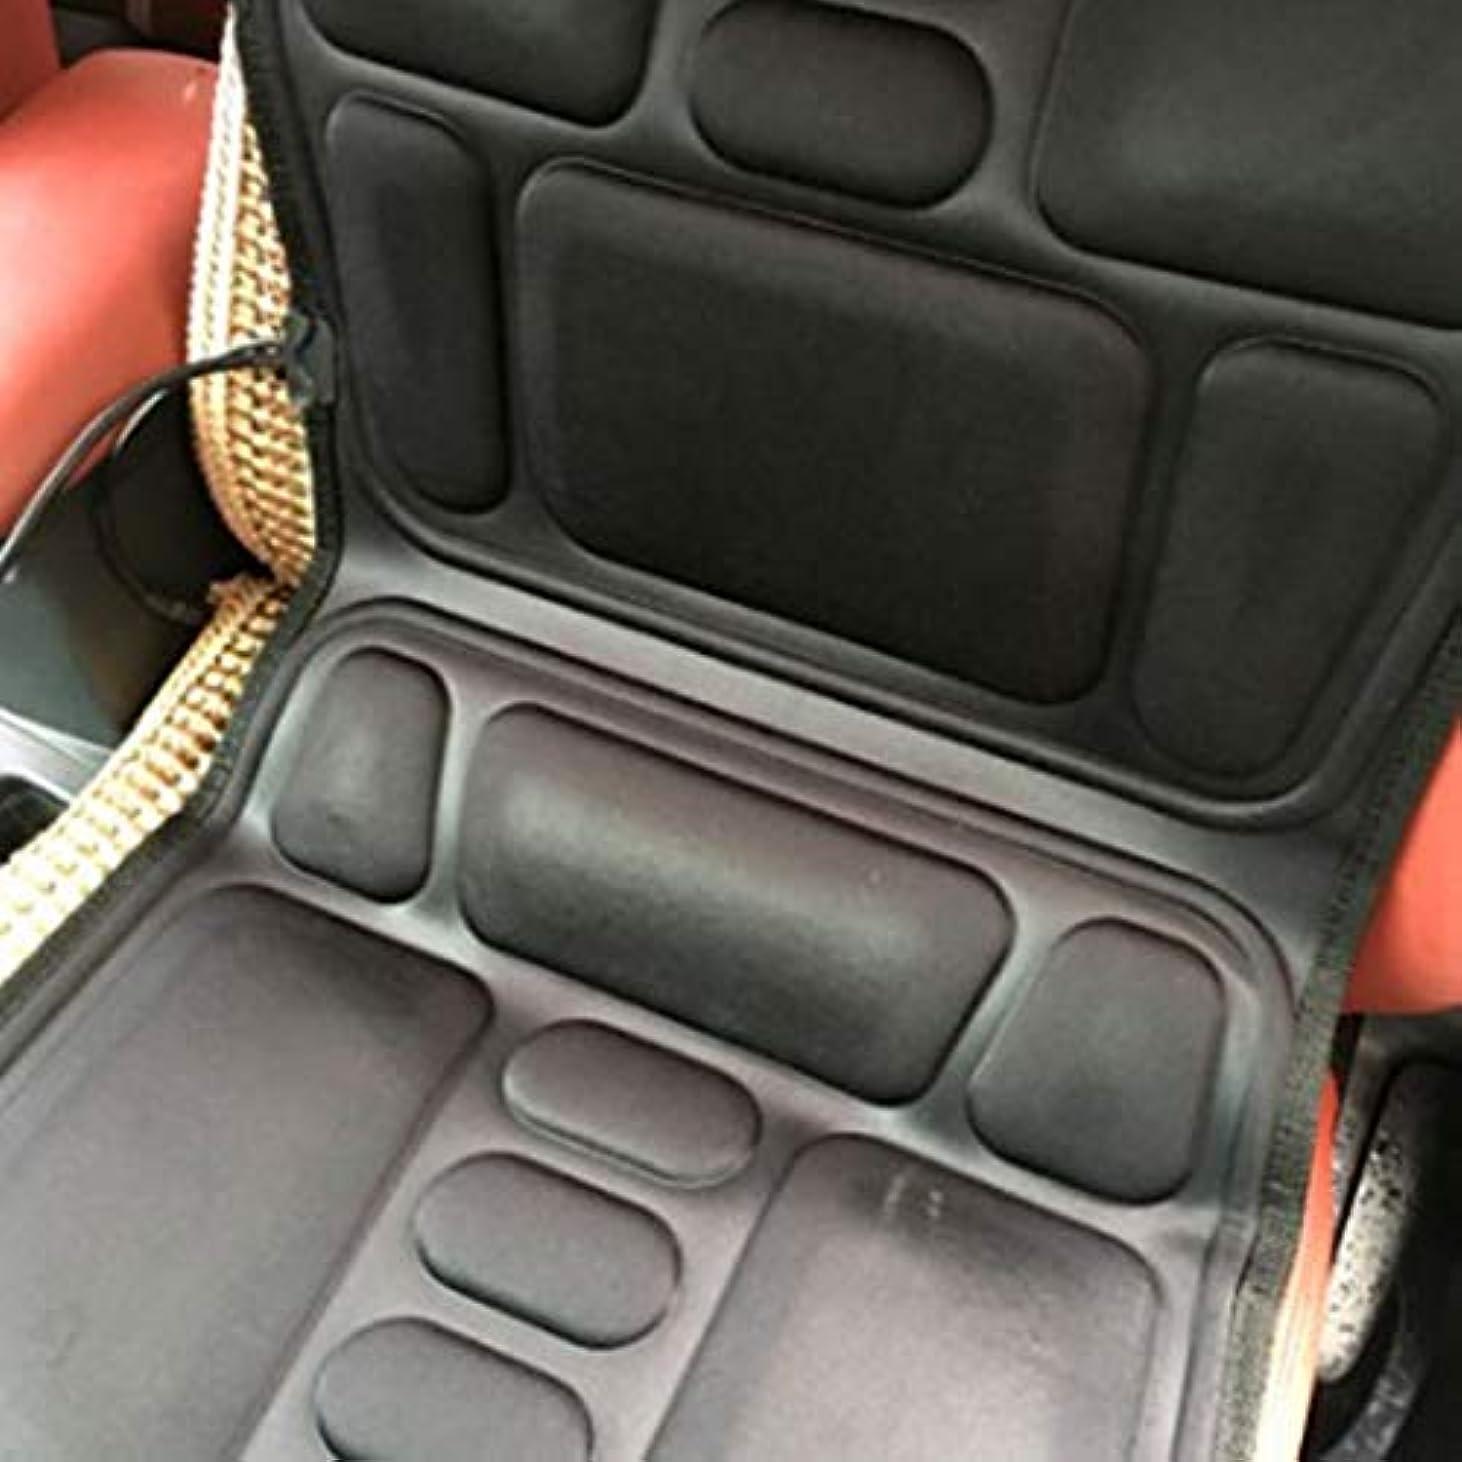 数値なしでピンCar Chair Home Seat Heat Cushion Back Neck Waist Body Electric Multifunctional Chair Massage Pad Back Massager